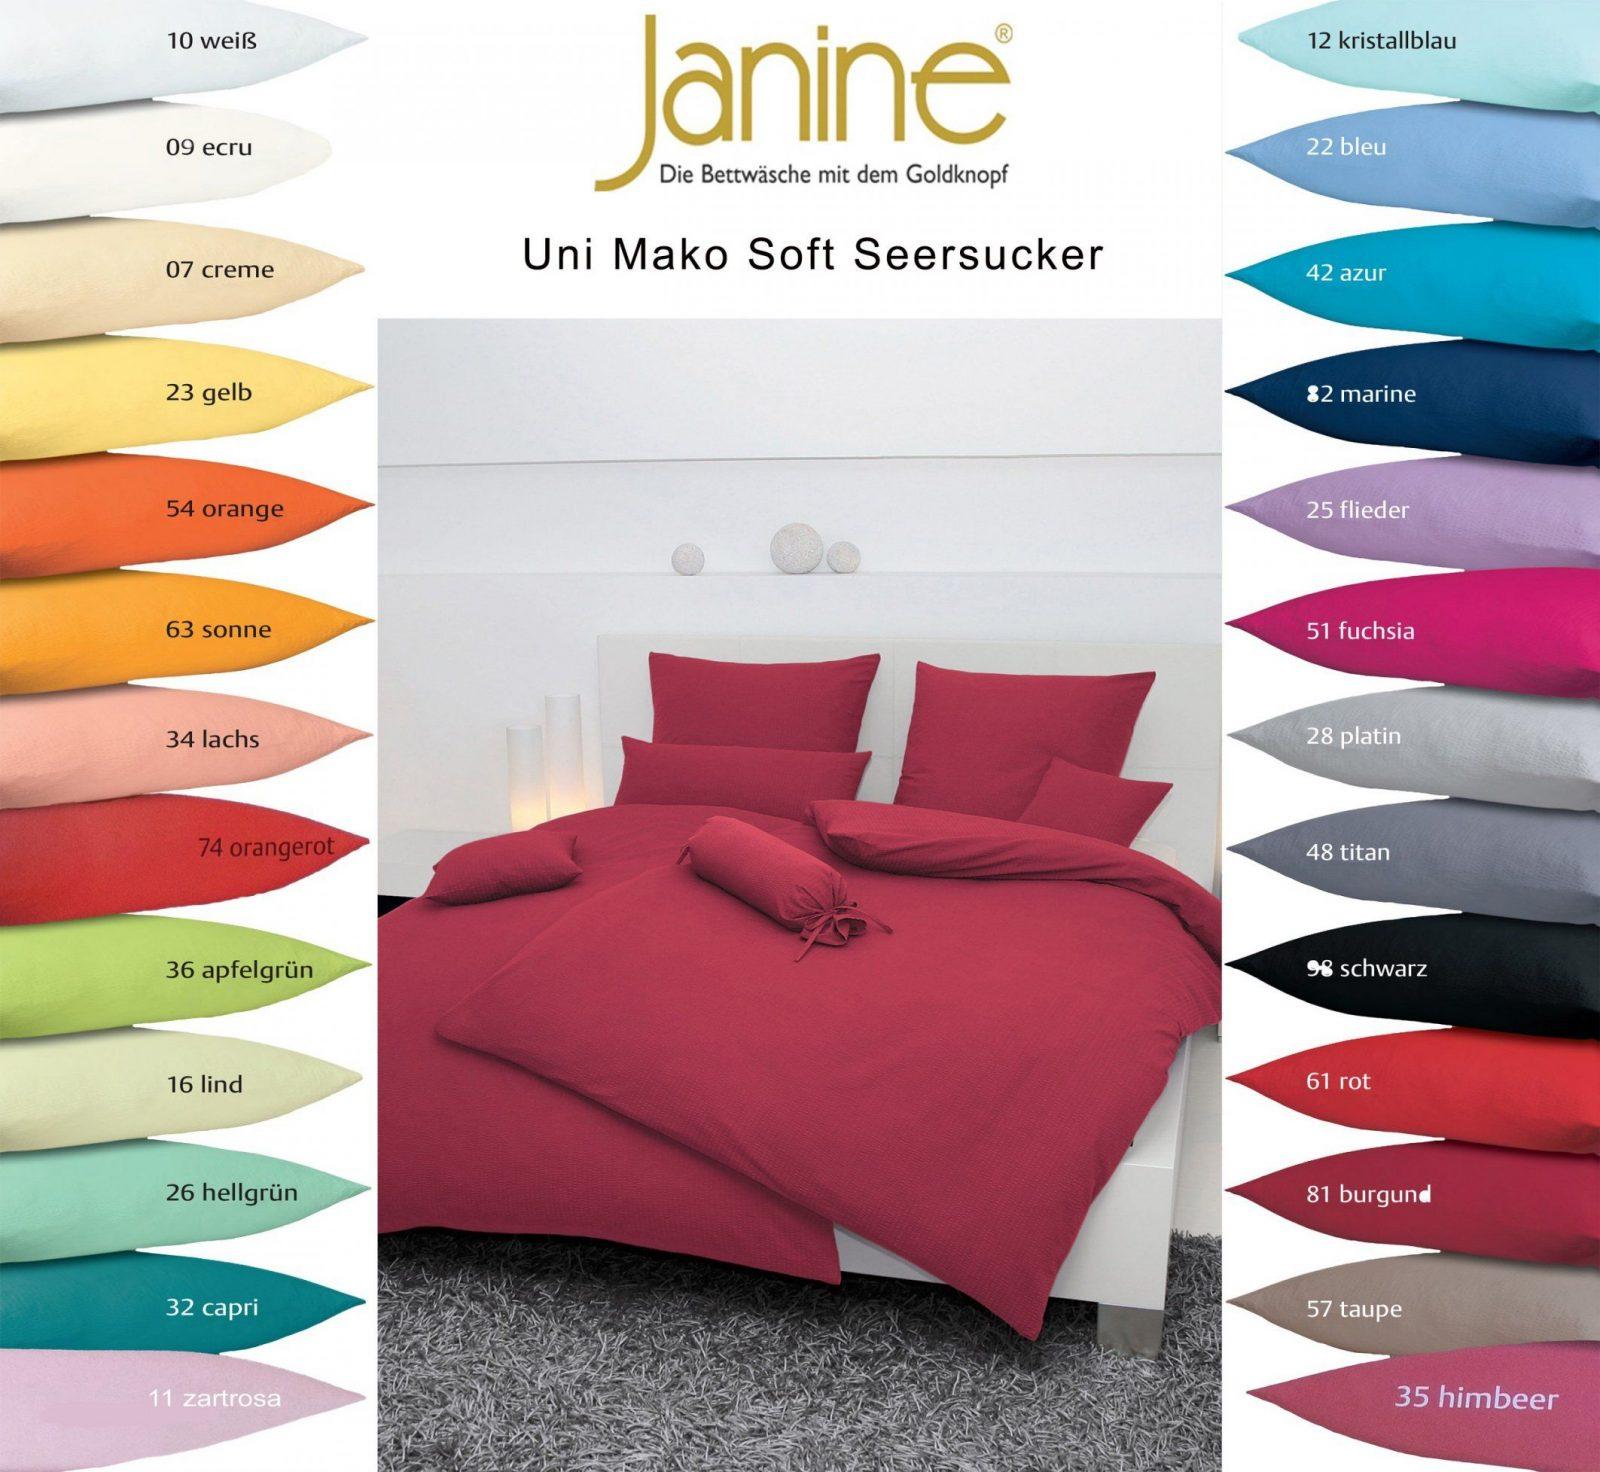 Janine Uni Mako Soft Seersucker Bettwäsche 135X200 155X200 155X220 von Janine Bettwäsche Seersucker Bild